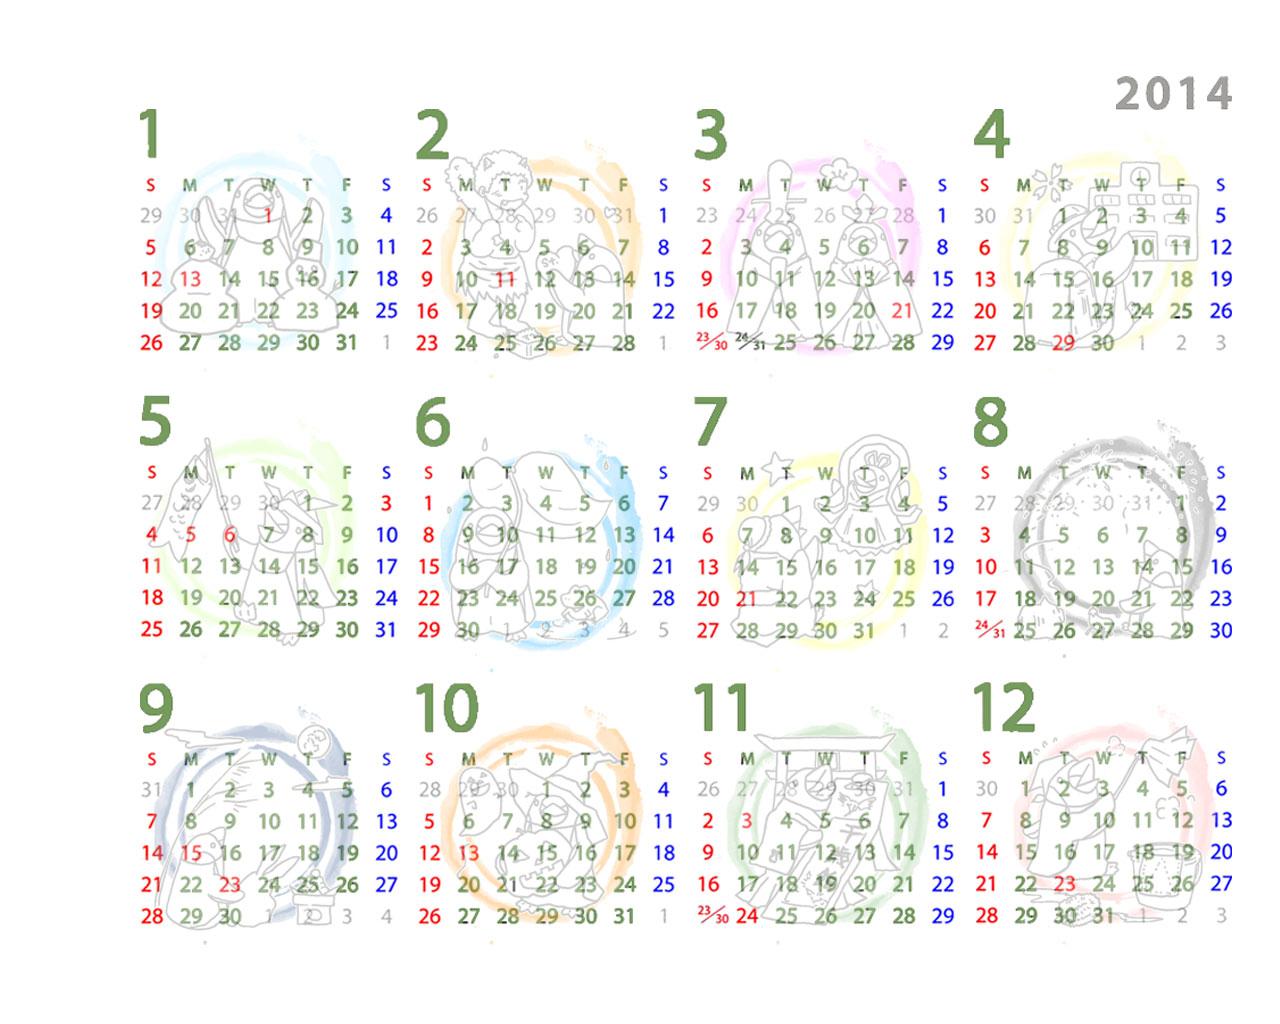 カレンダー カレンダー フリー 2014 : ... 2014フリーカレンダー1280x1024